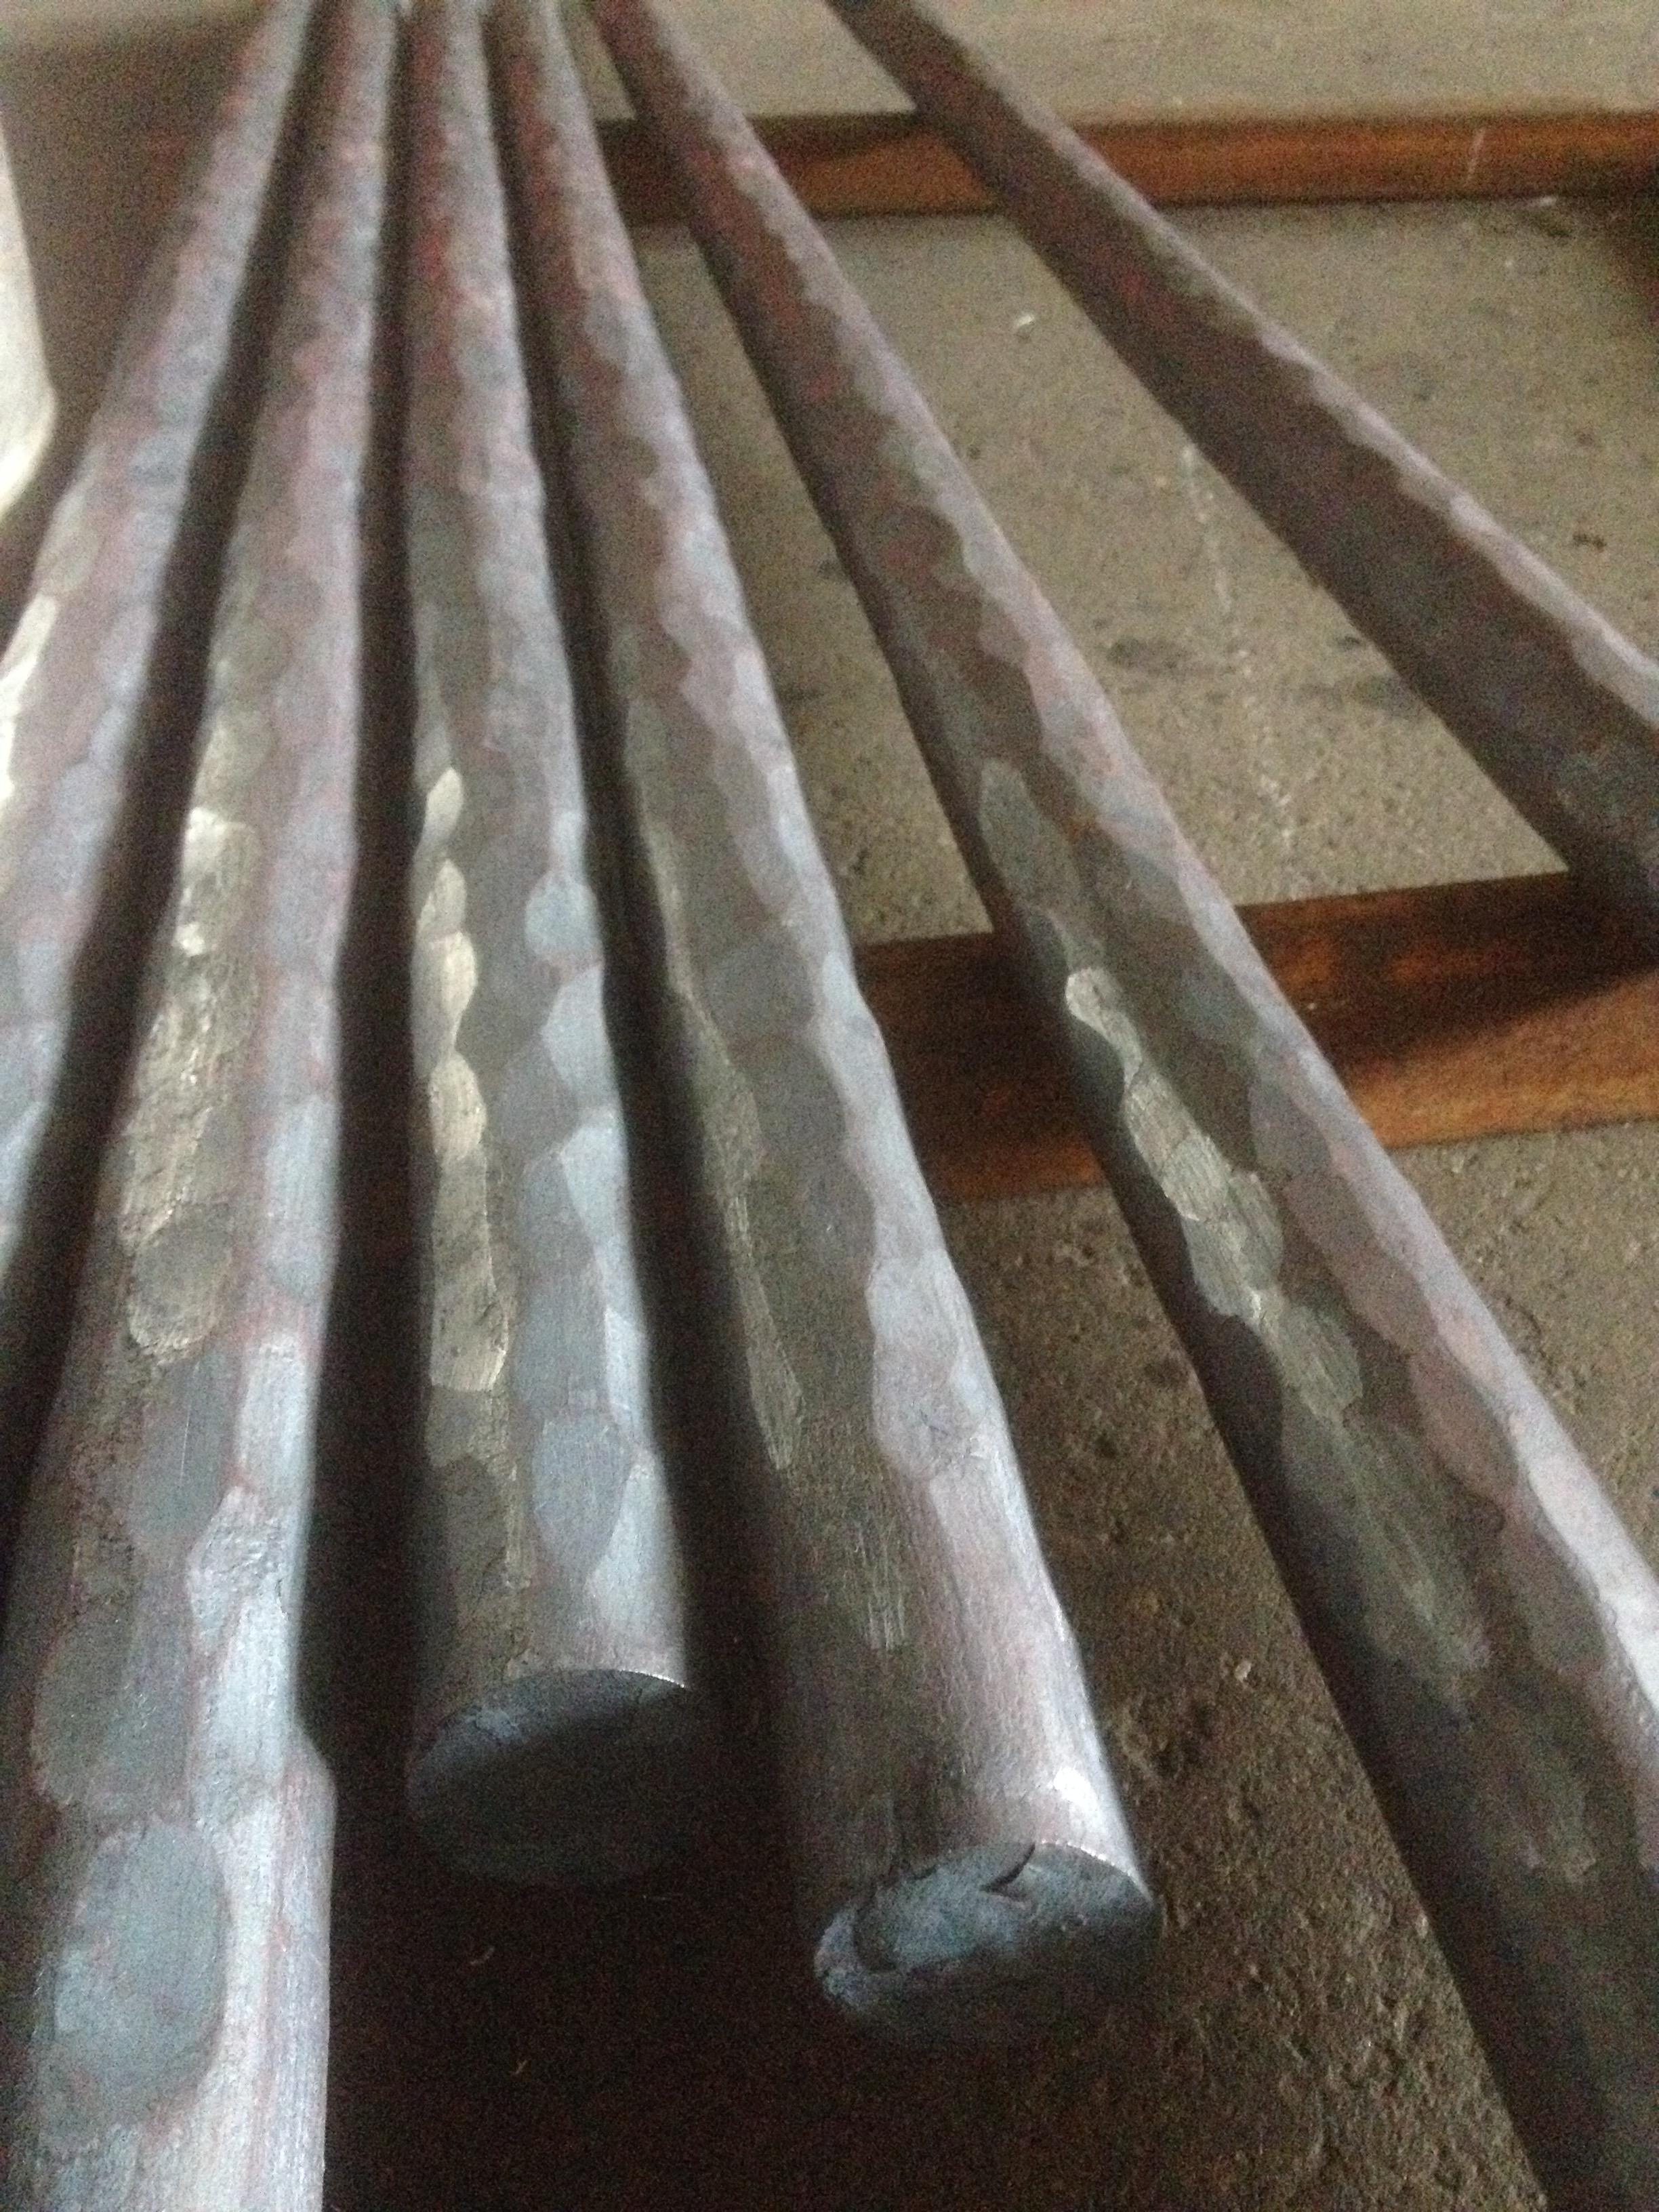 Textured & forged bar rail